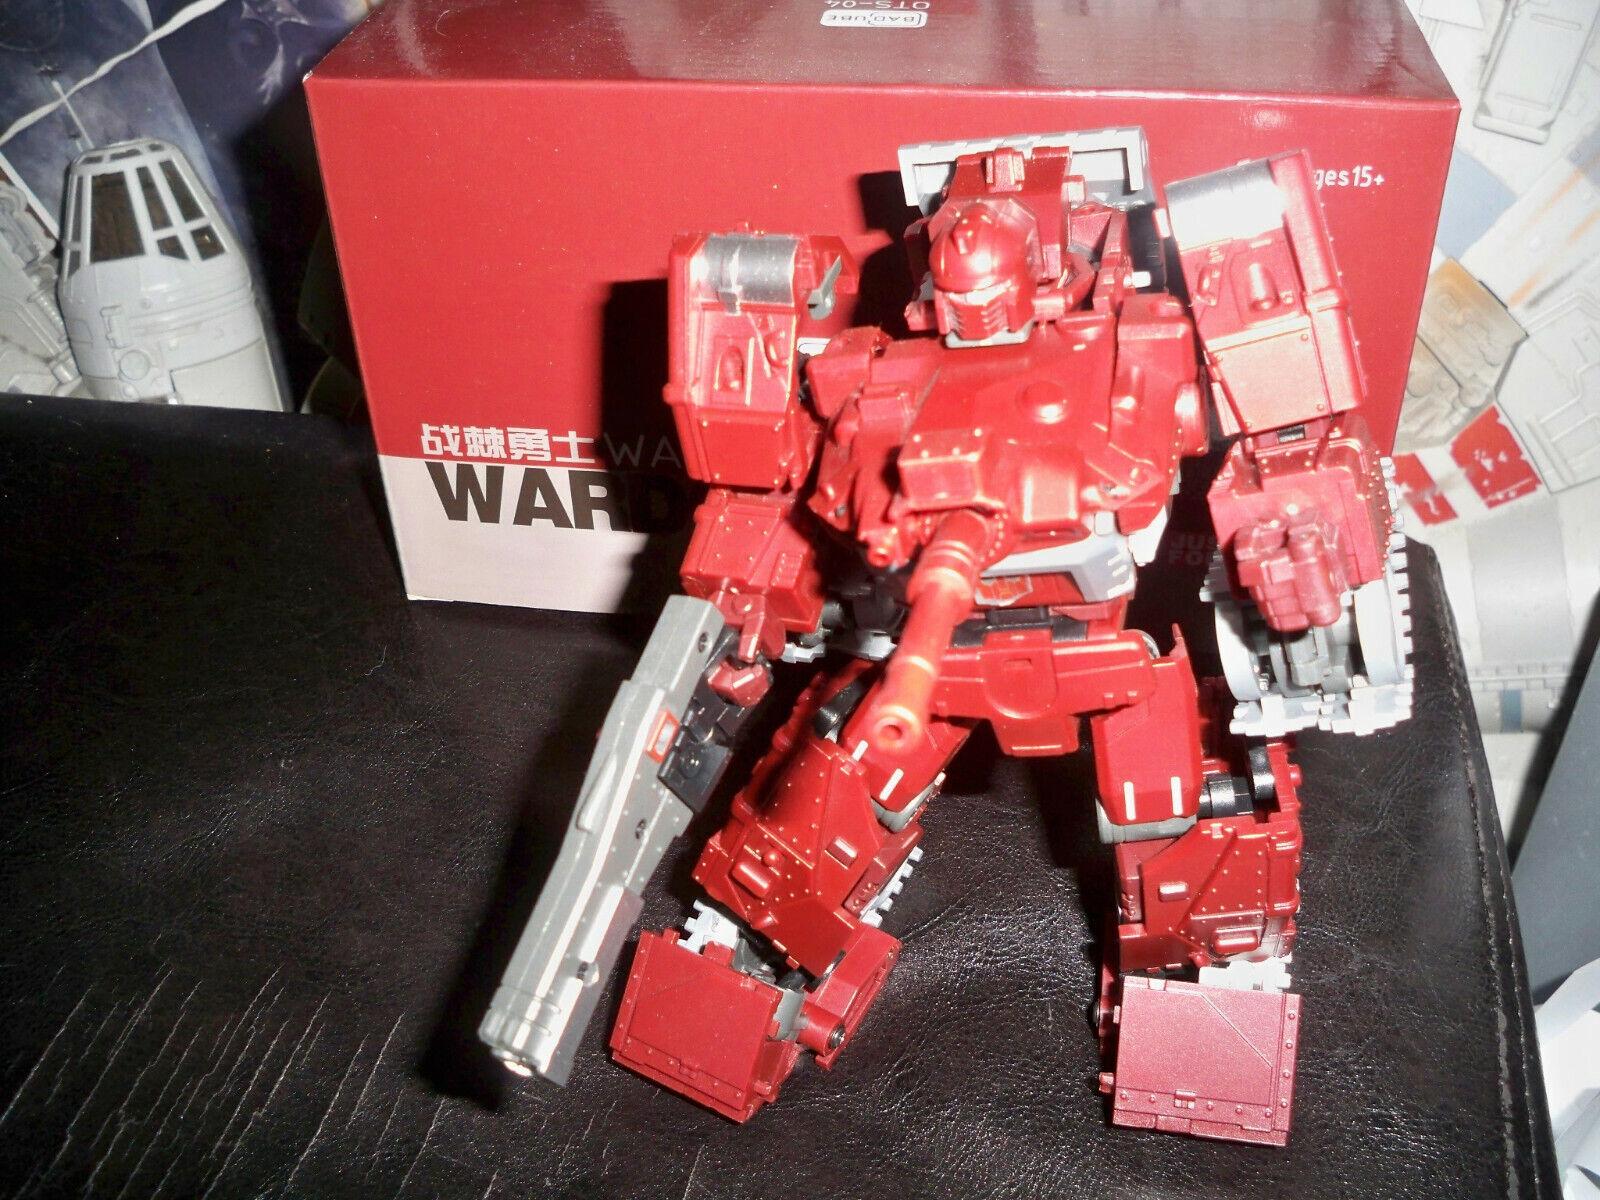 Transformers badcube wardog sentier de la guerre Masterpiece MP 3rd party complet